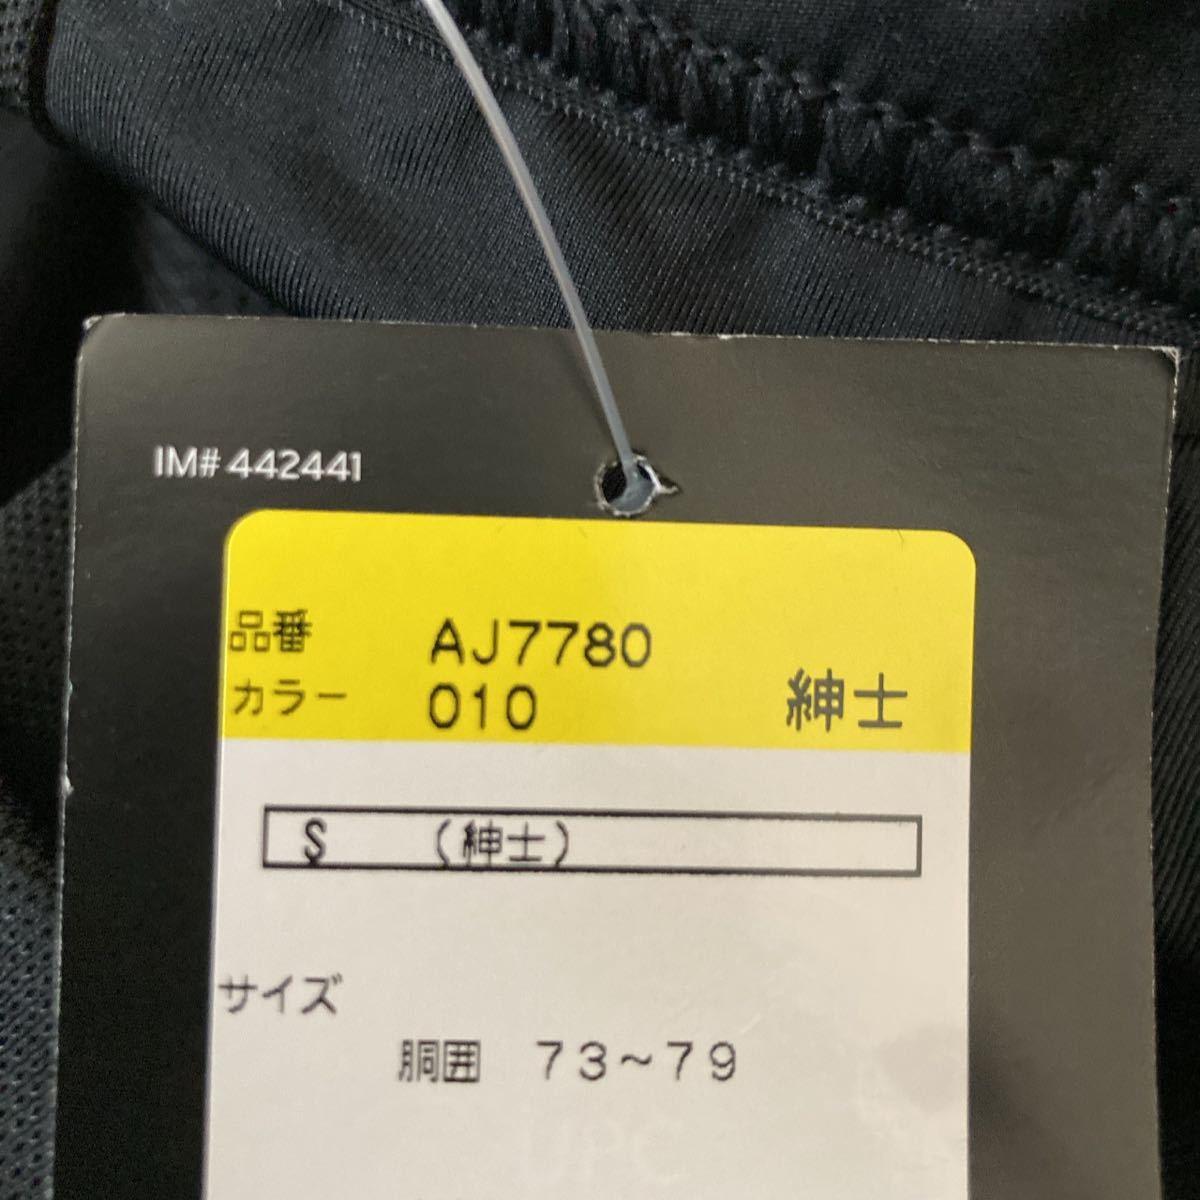 NIKE 18cm ランニングショートパンツ (インナー付き)メンズS